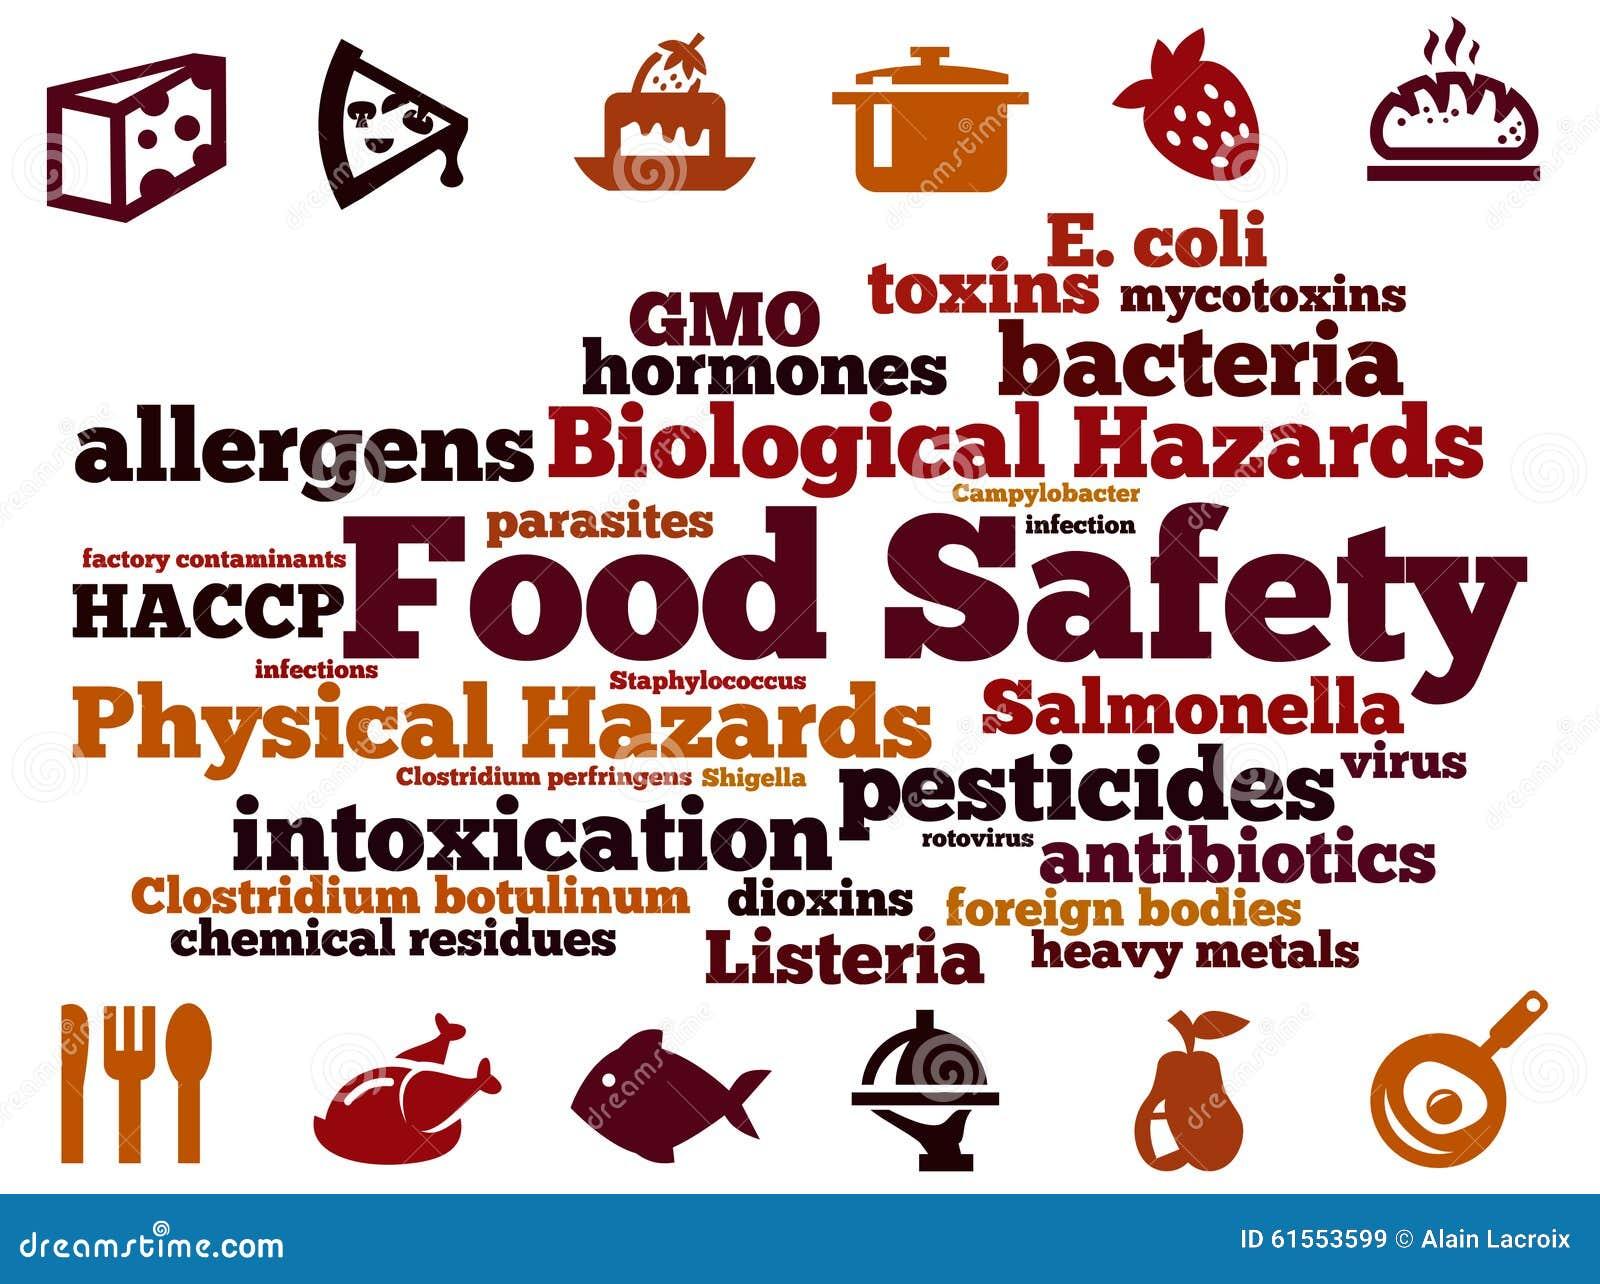 food contamination